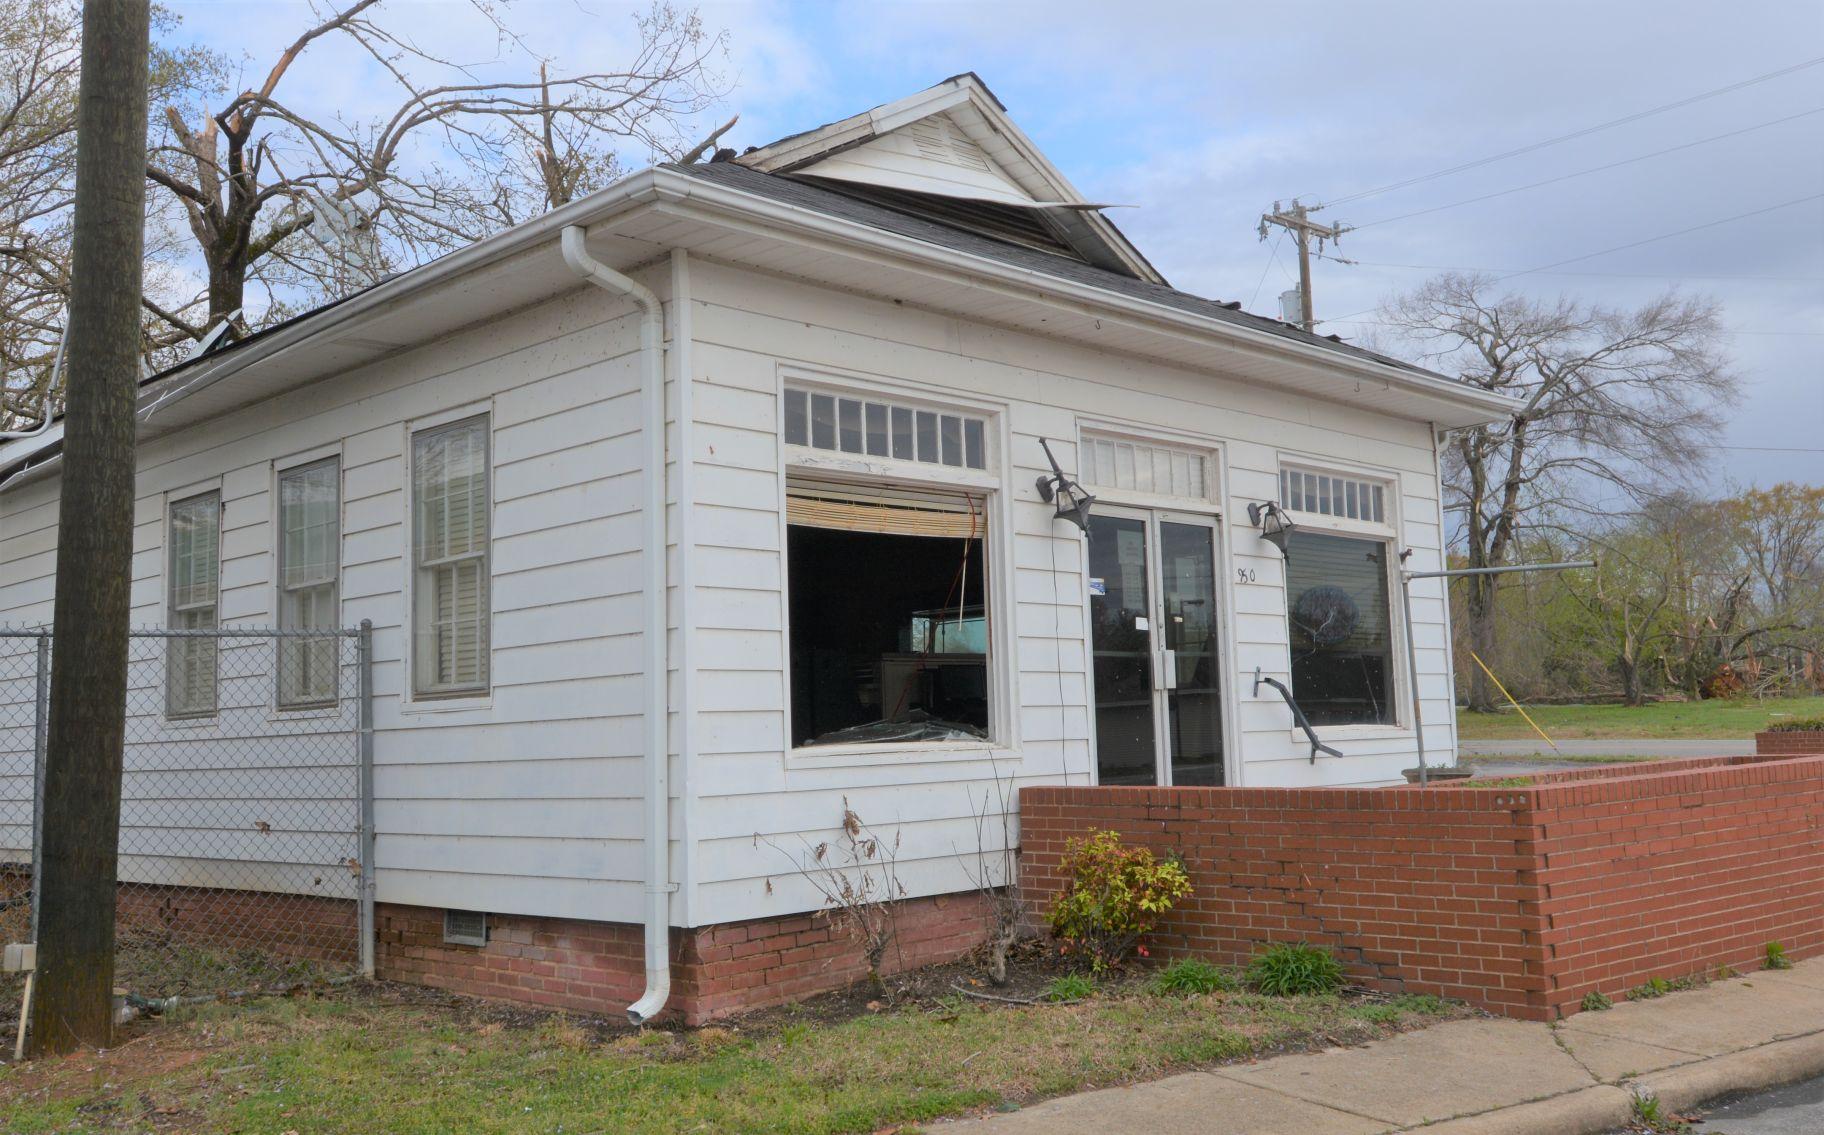 relief sadness and terror ef 1 tornado rips through three rh greensboro com